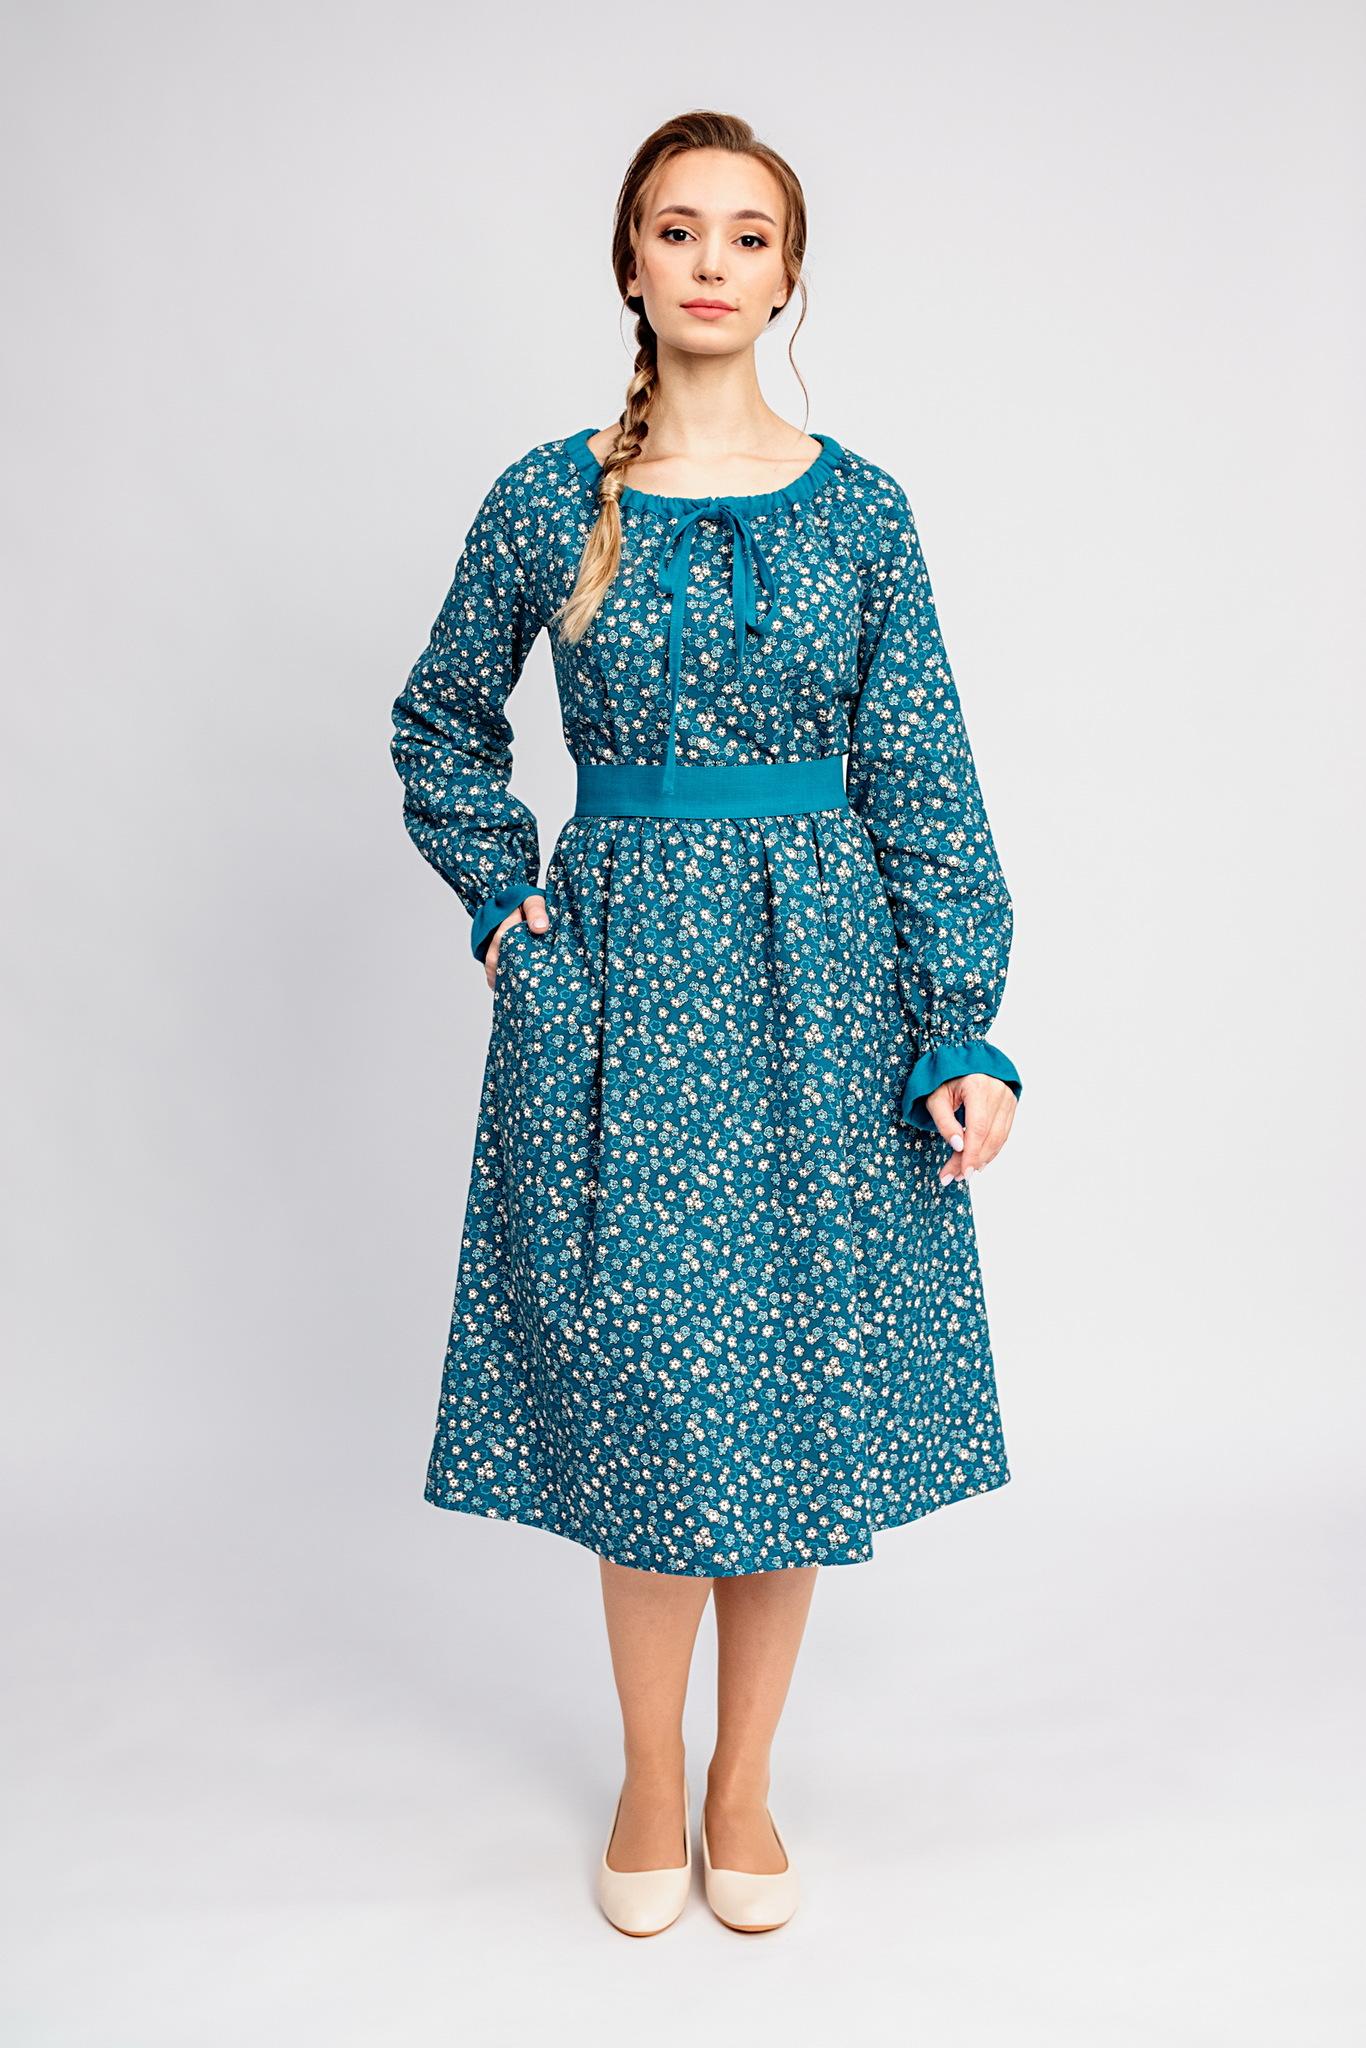 Платье на весну Бирюзовая Катунь